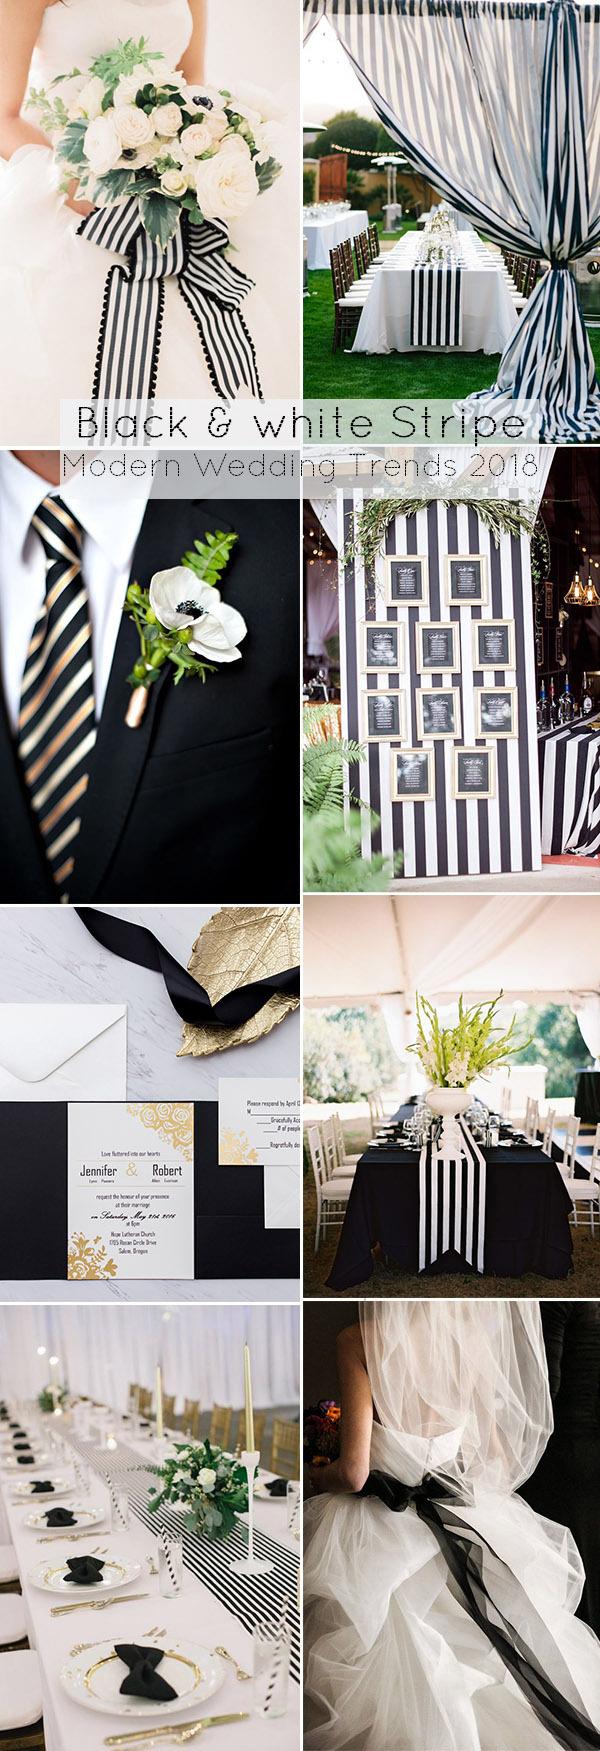 Xu hướng trang trí tiệc cưới với sọc đen trắng